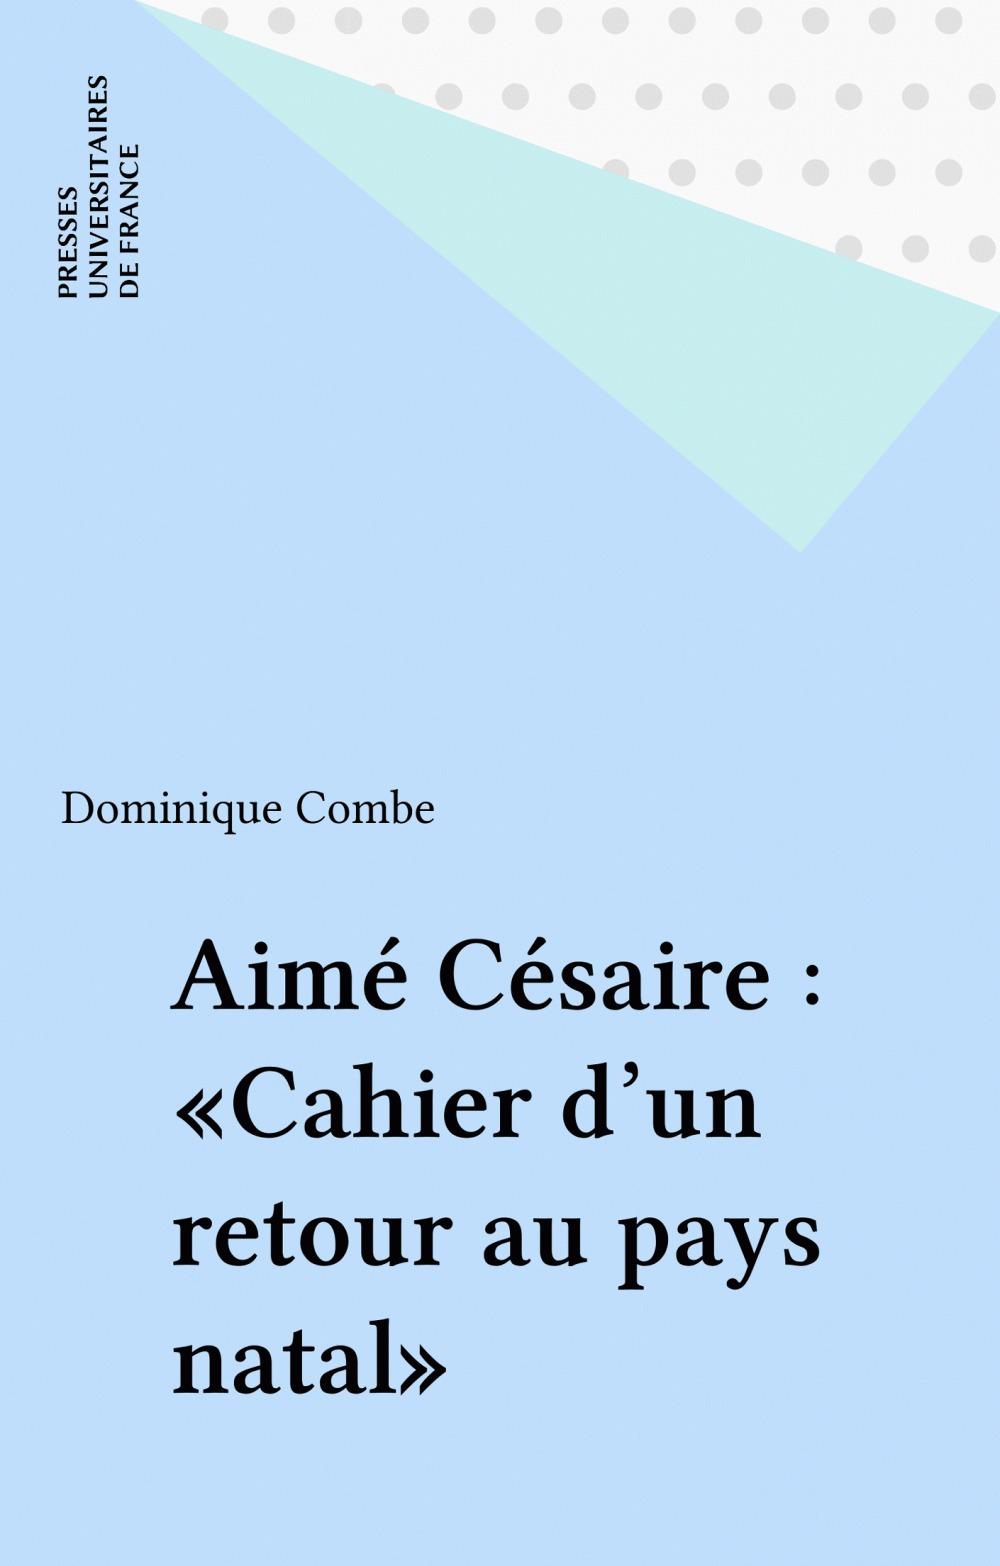 ETUDES LITTERAIRES T.43 ; cahier retour au pays natal, d'Aimé Césaire